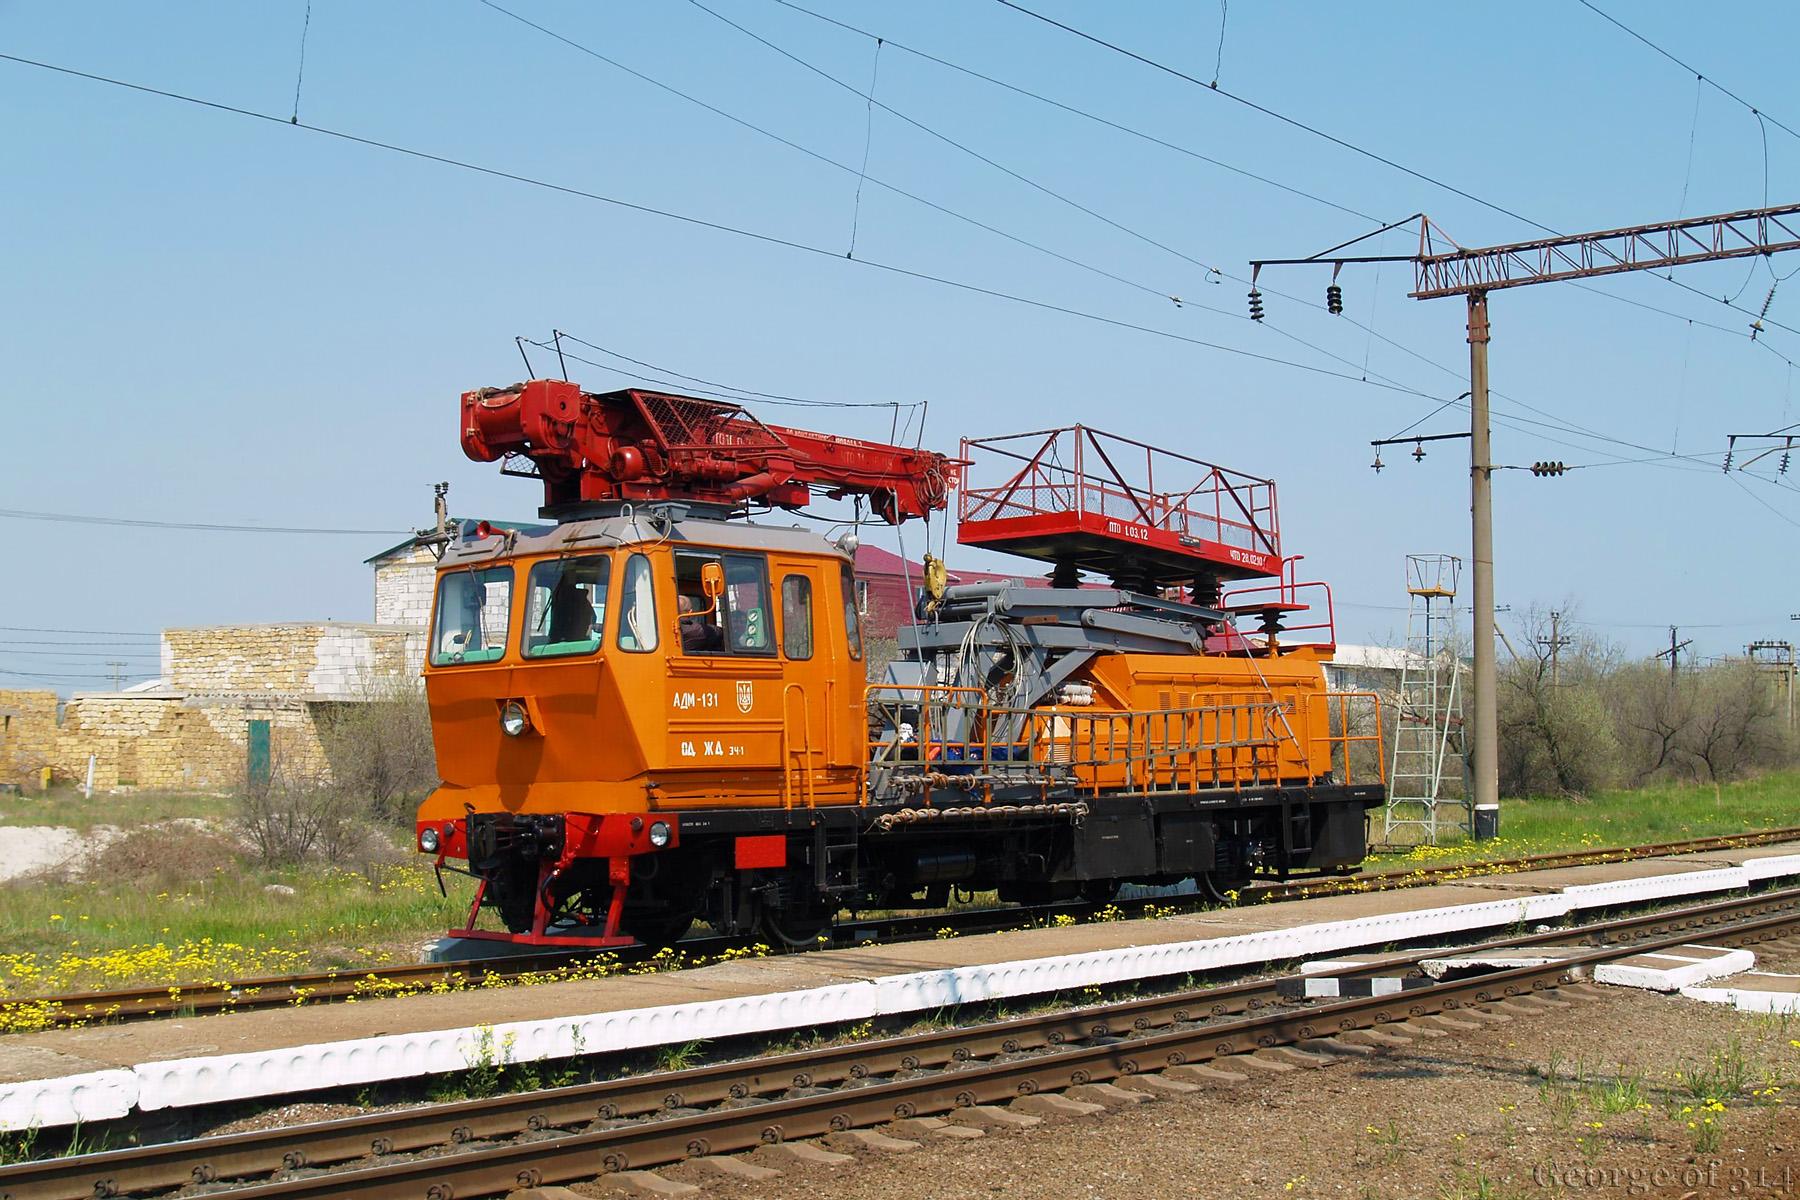 Автомотриса АДМ-131, ст. Бугаз, Одеська область